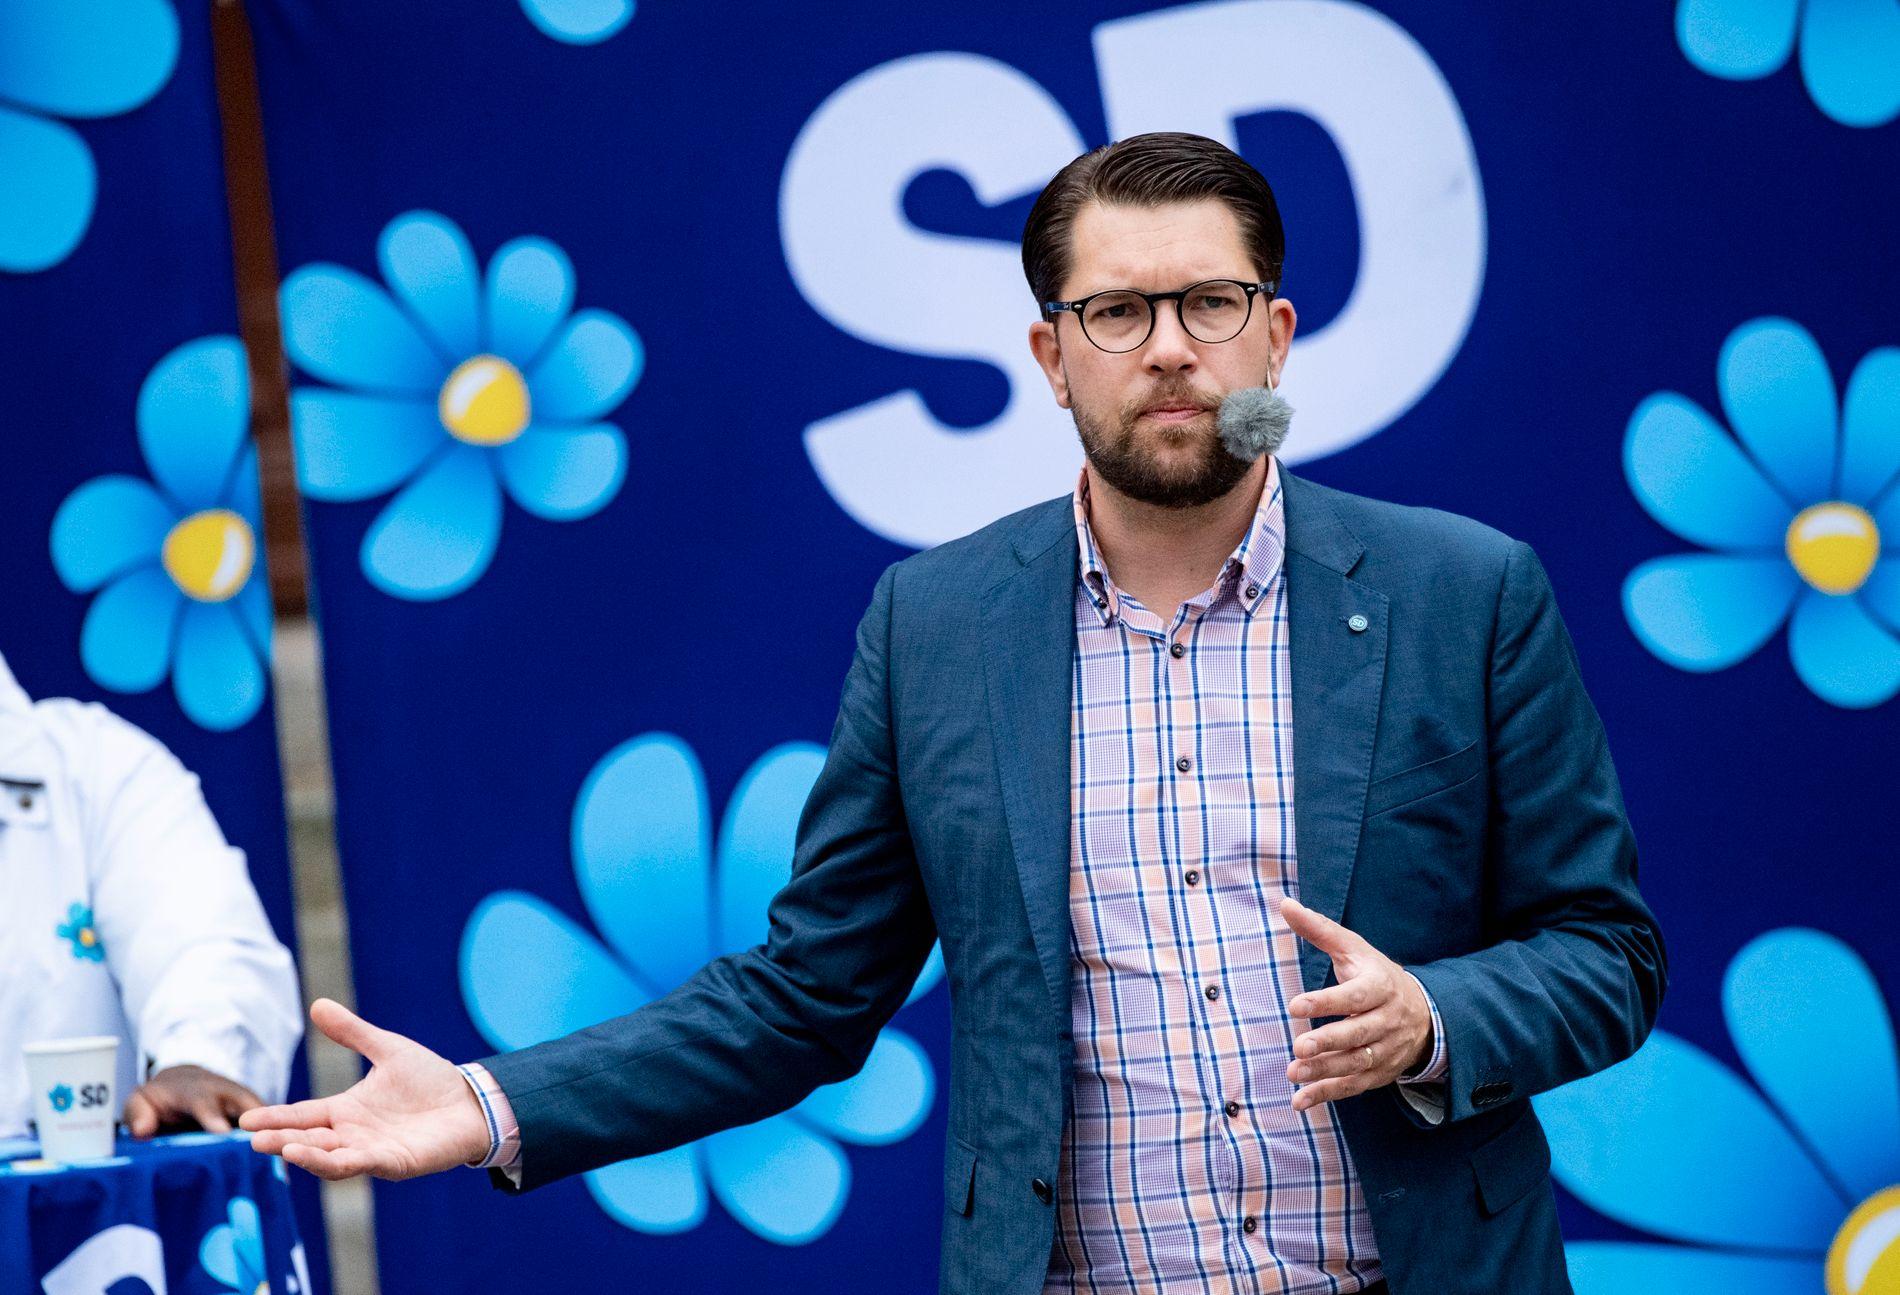 VENNELØS: Ingen av de to store blokkene vil samarbeide med Sverigedemokraterna og partiets leder Jimmi Åkesson.